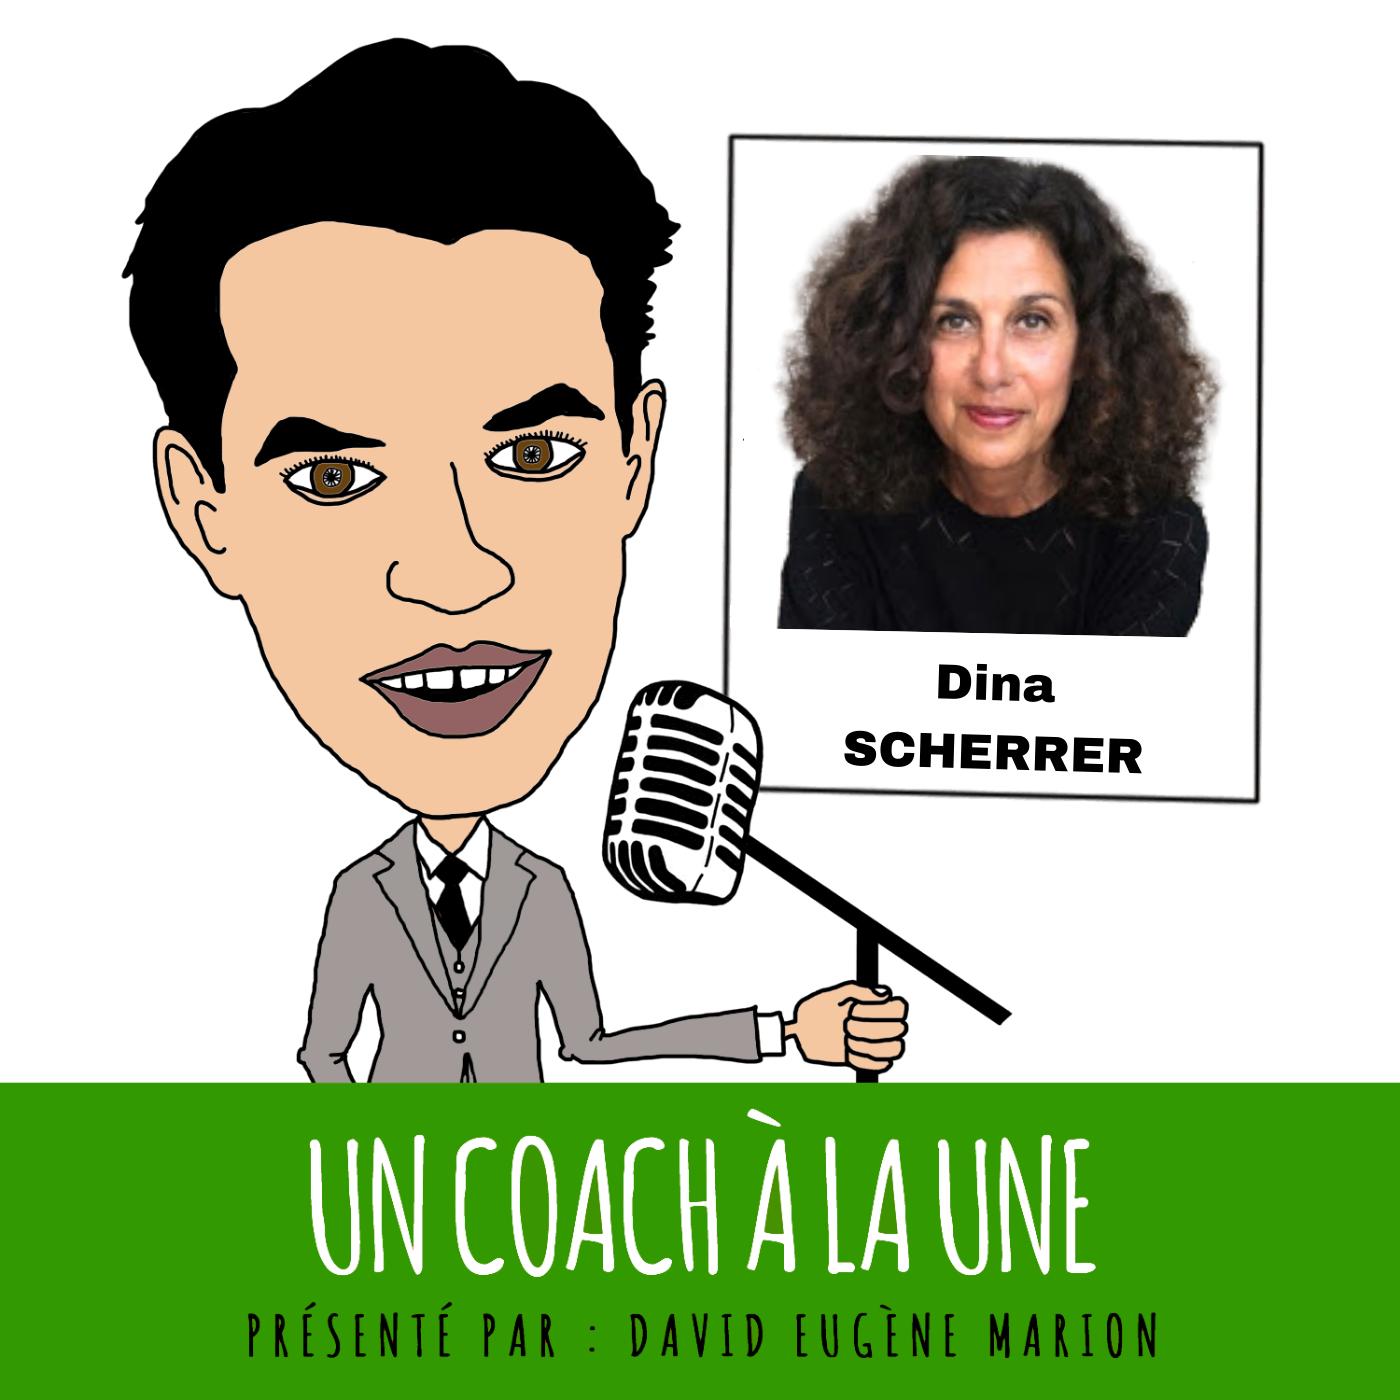 Un Coach À La Une® n°13 : Coacher avec l'Arbre de Vie / Dina SCHERRER